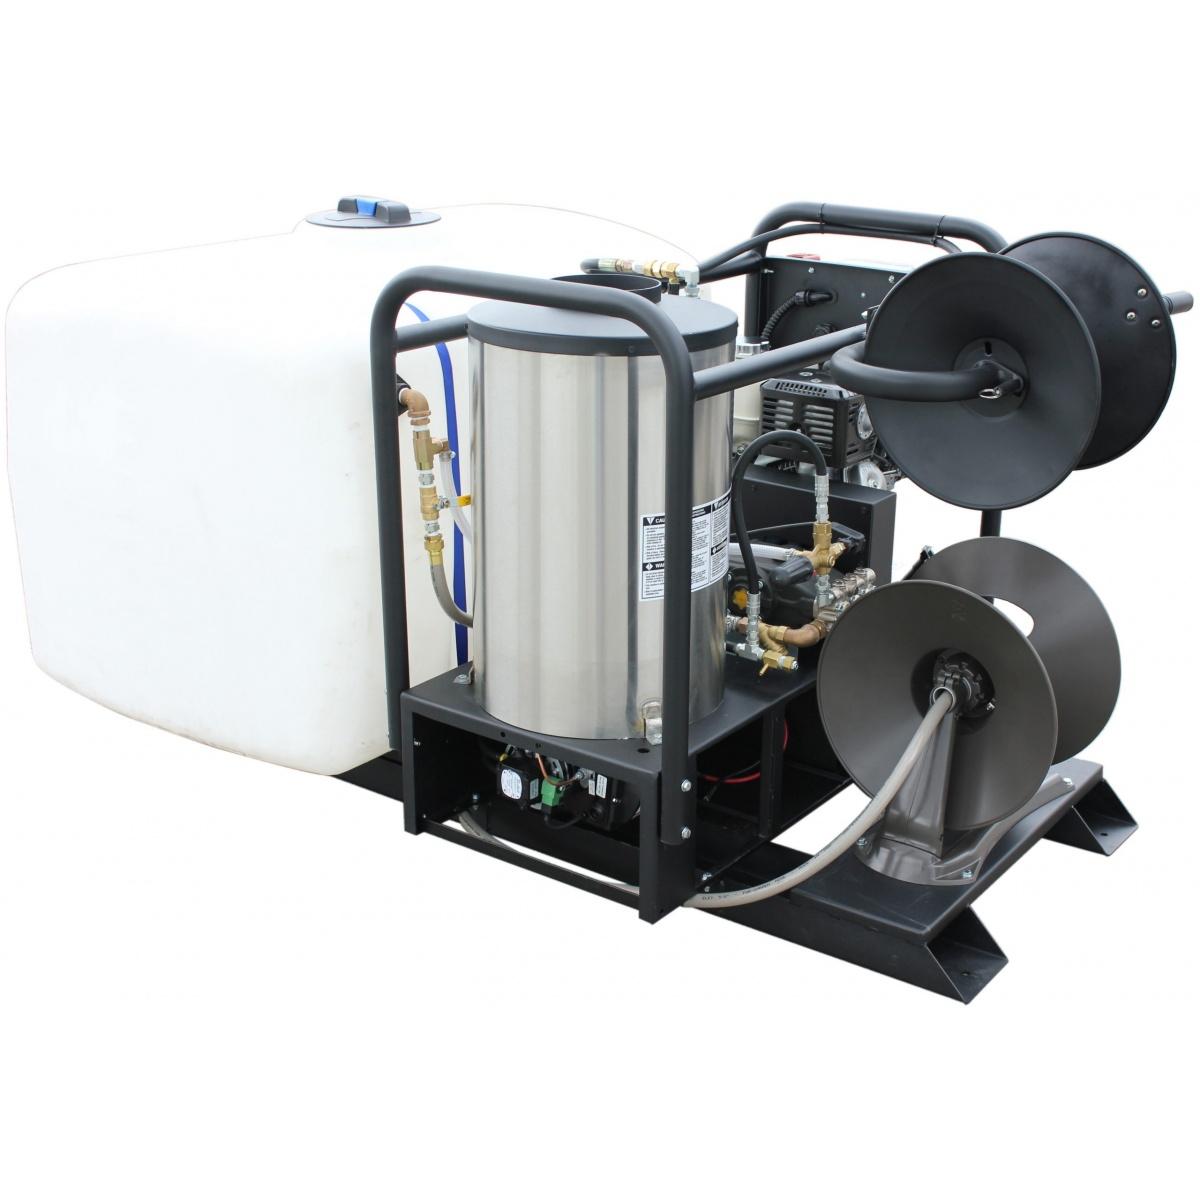 Dynablast H4035GRGFT Hot Water Pressure Washer